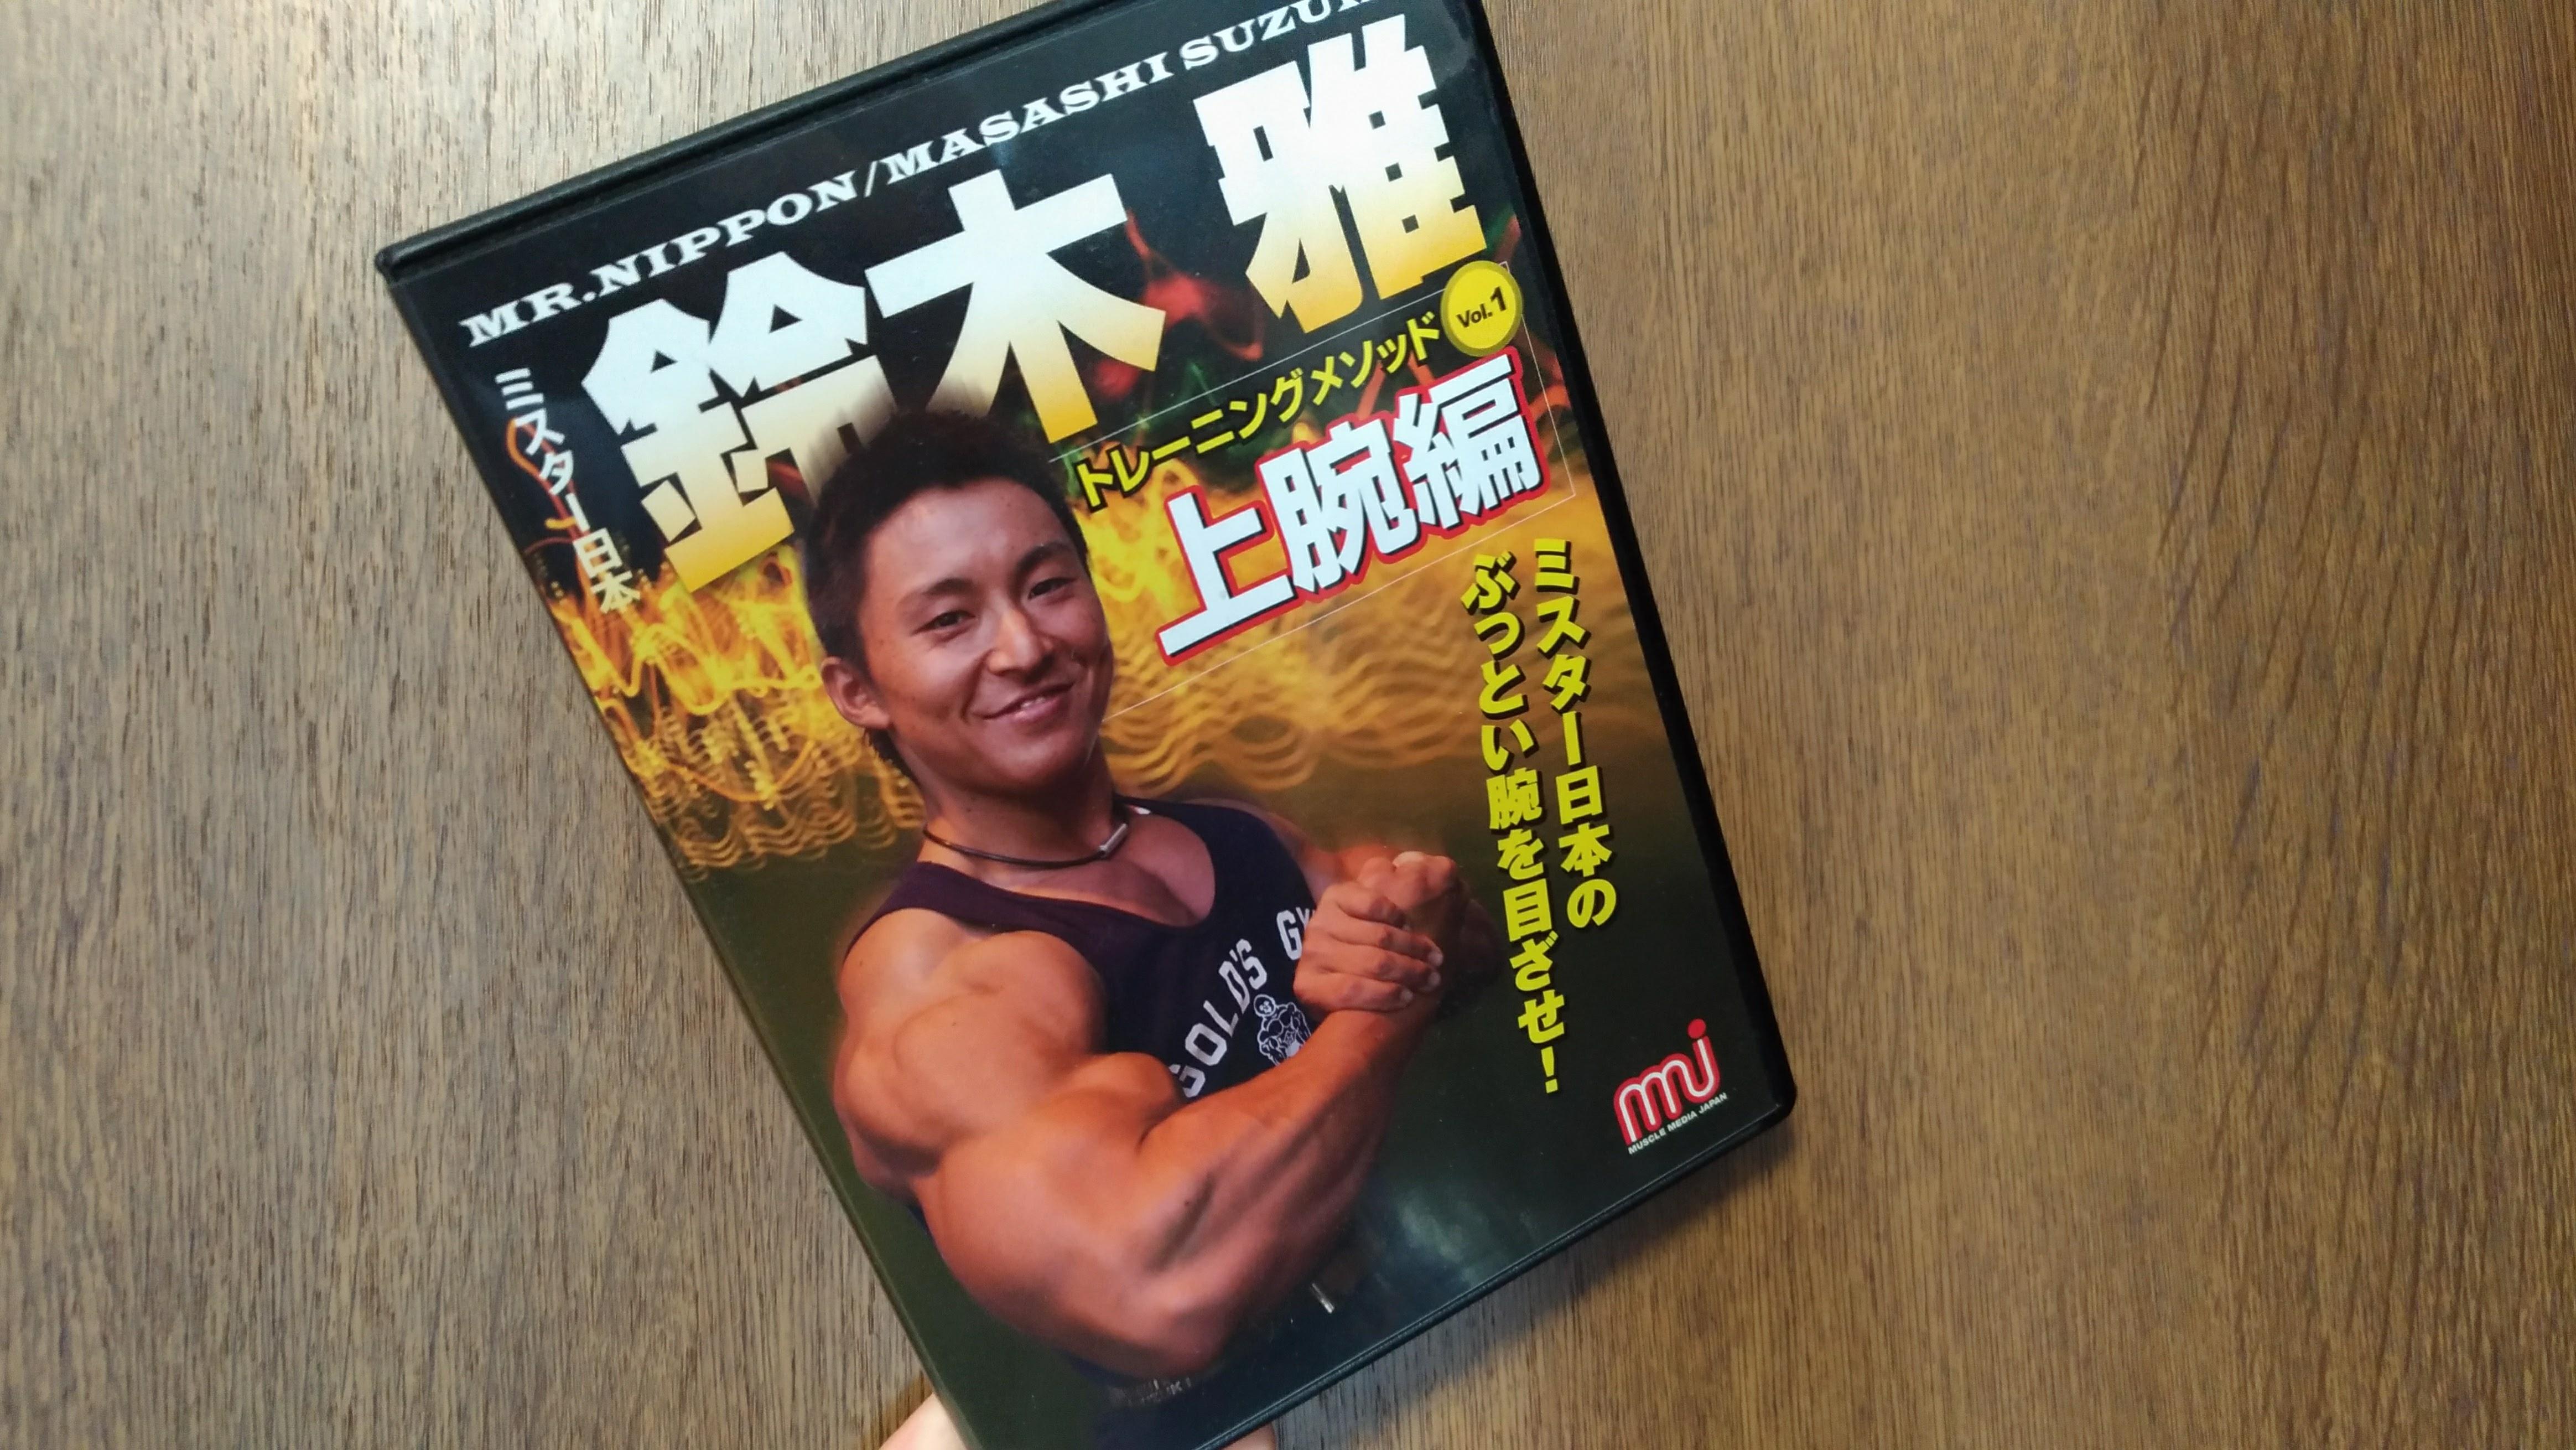 鈴木雅選手のトレーニングメソッドDVD「上腕編」を見たメモ